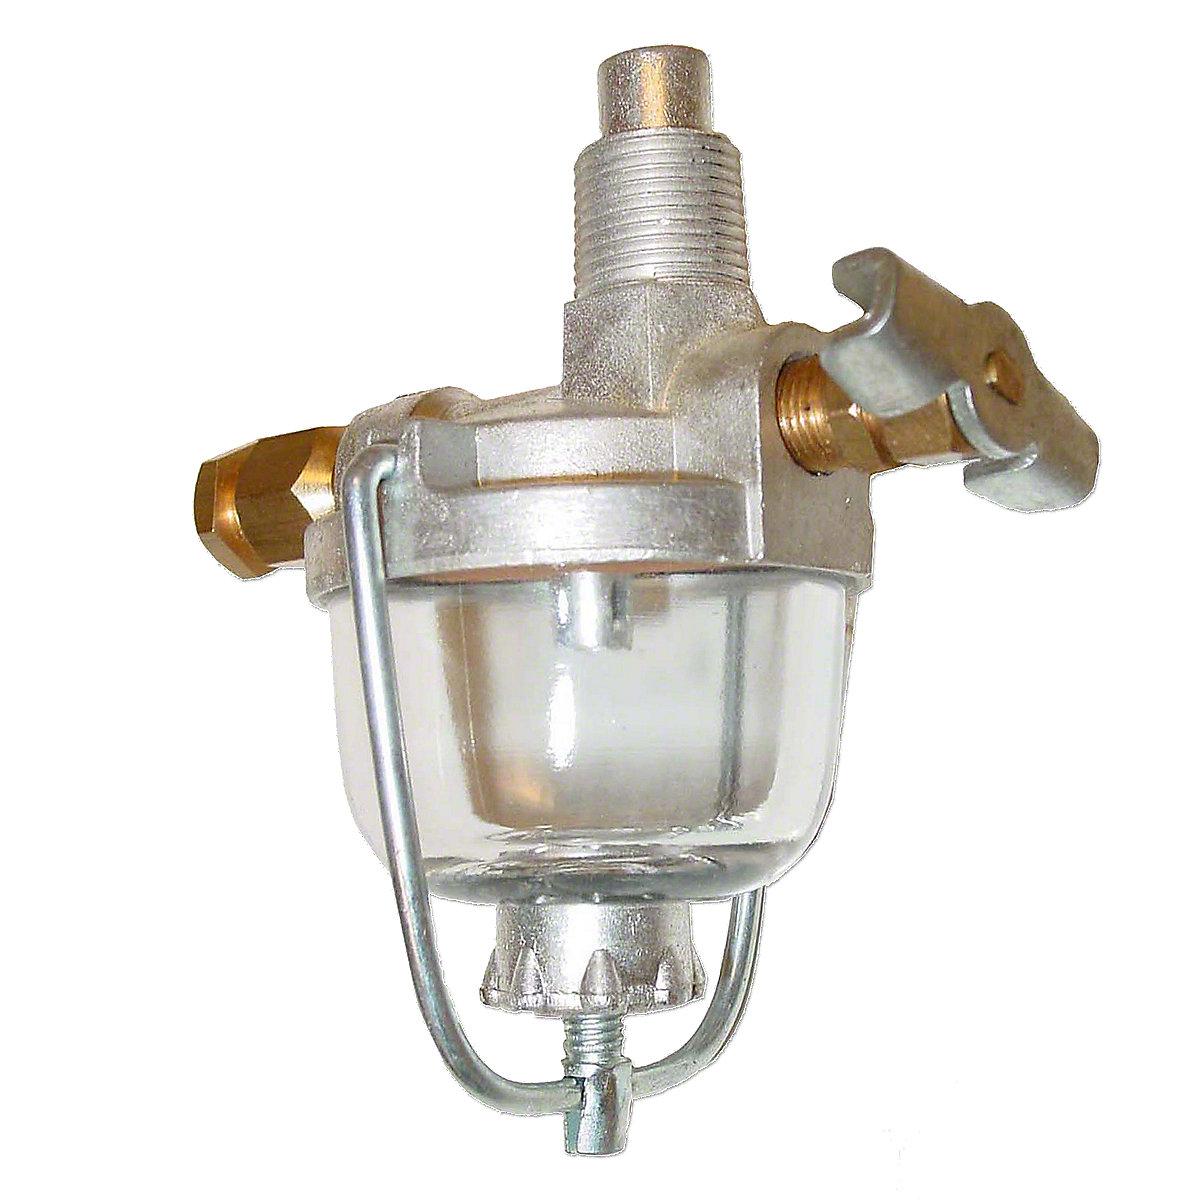 Fuel Sediment Bowl Assembly For Allis Chalmers: B, C, CA, D14, I40, I400, I60 IB, RC, D15, D17, D19.